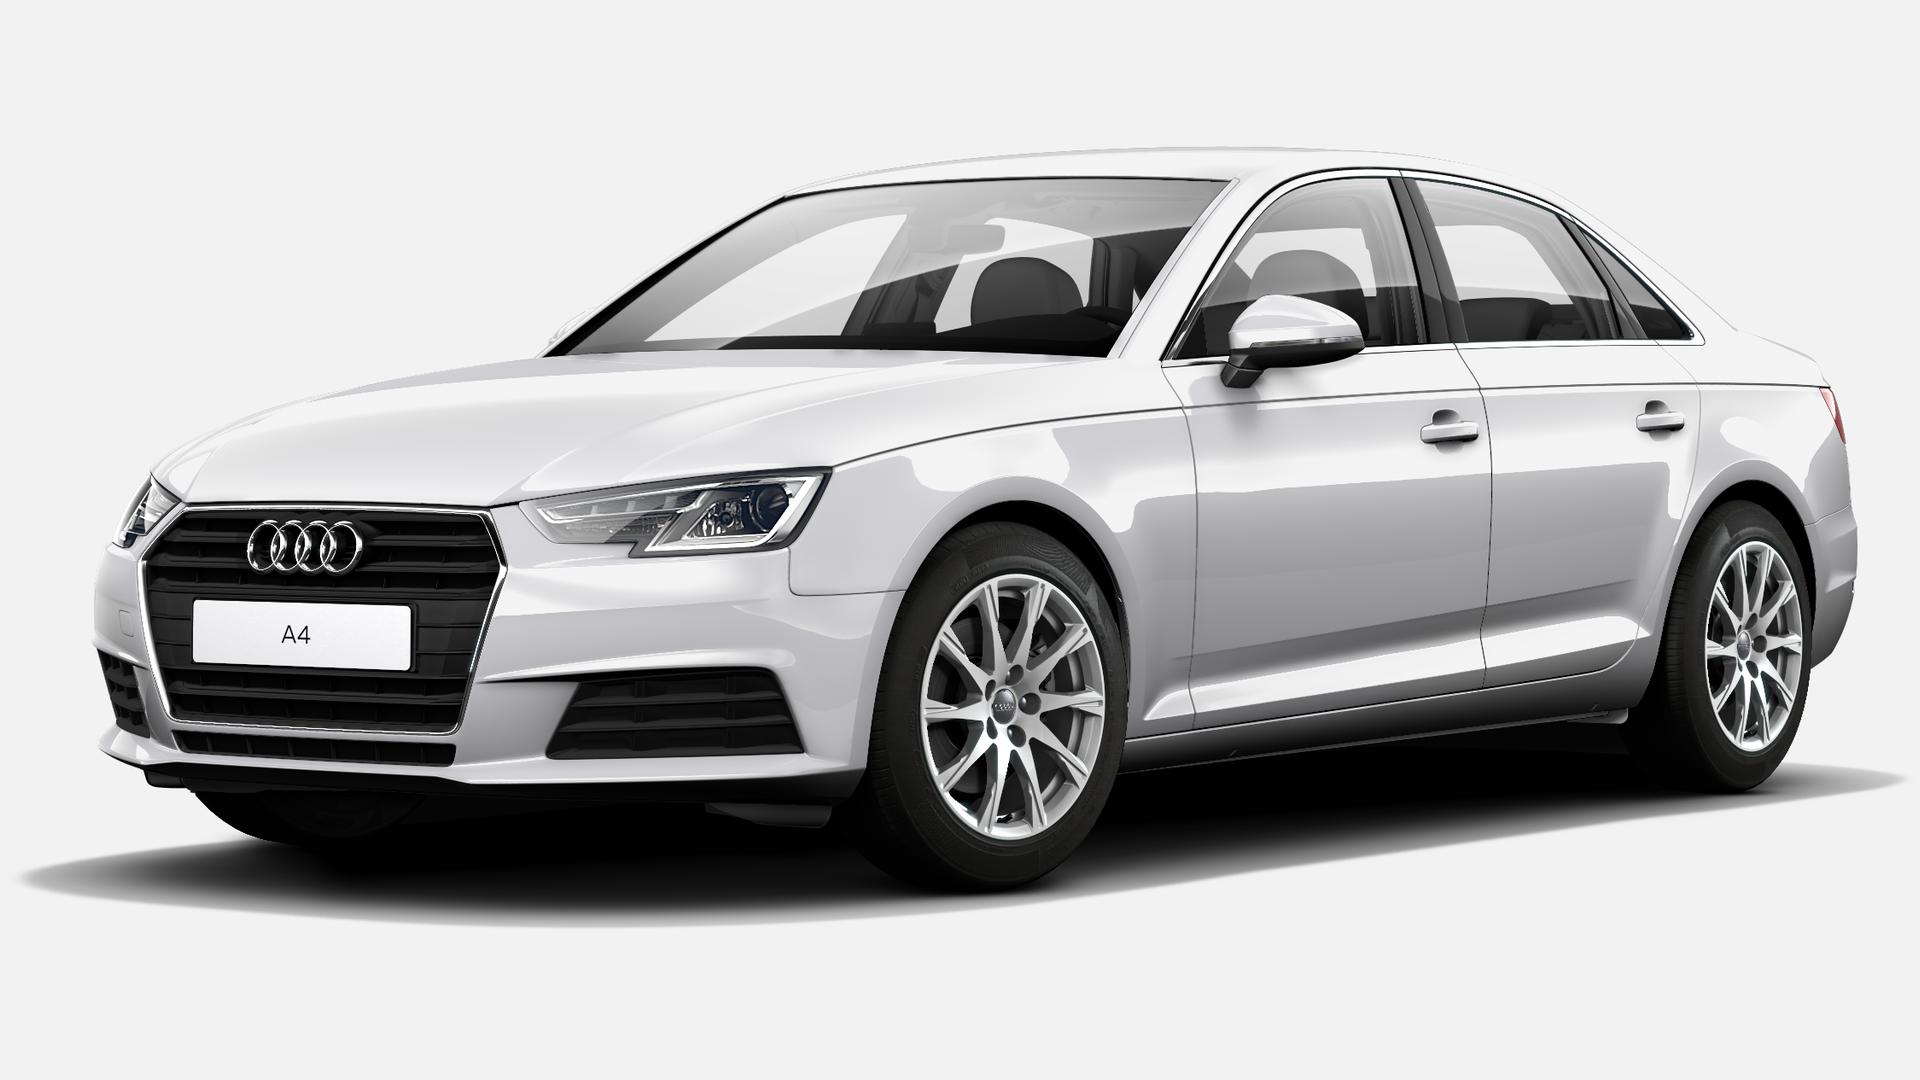 Audi A4 2.0 TDI ultra Advanced edition 110 kW (150 CV)  nuevo en Álava